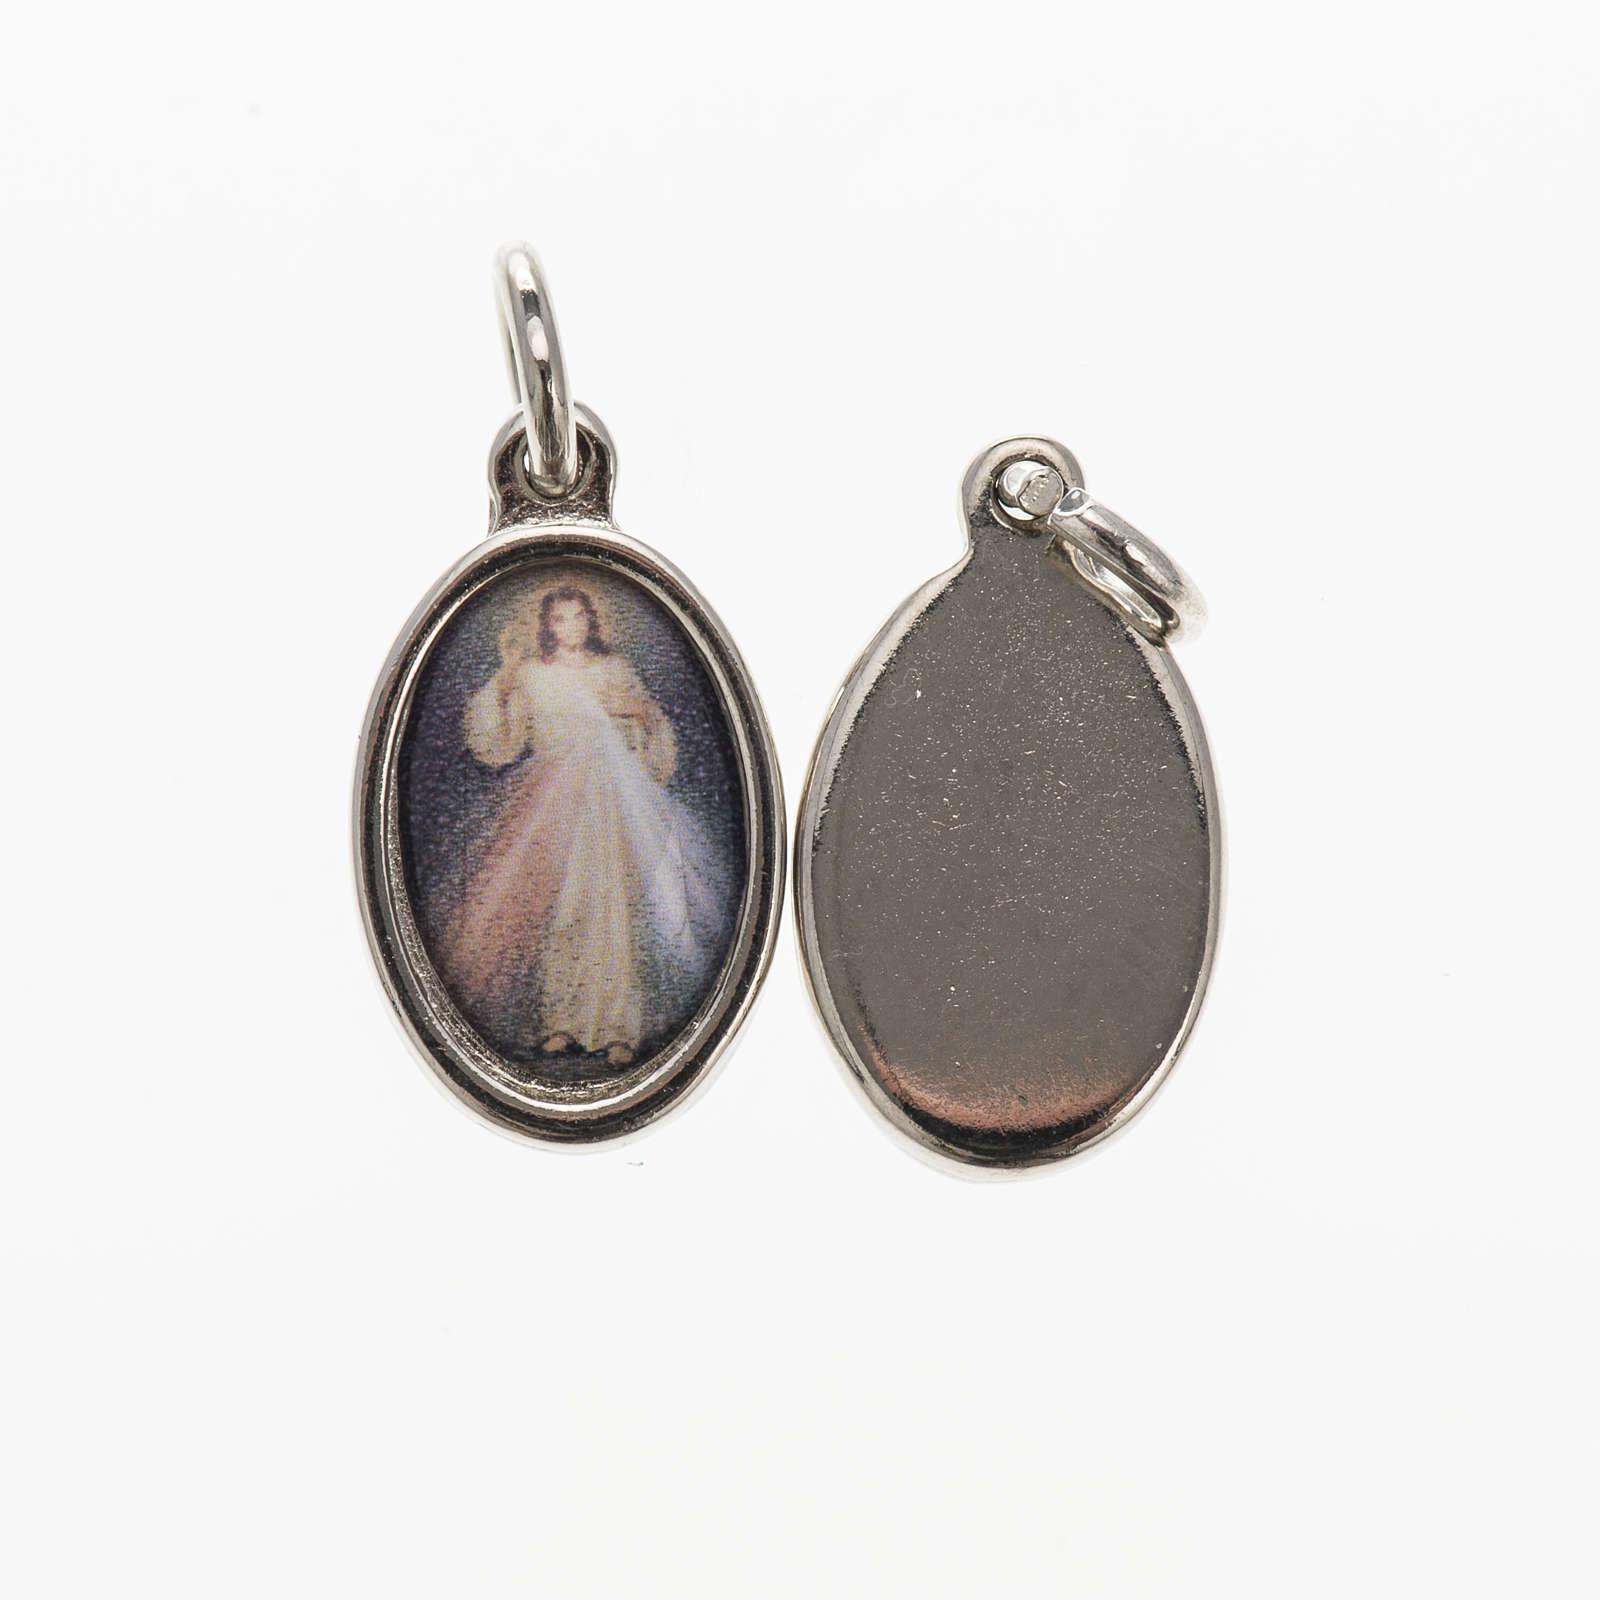 Medaille Barmherziger Jesus nickeliertes Metall und Harz 1,5x1 cm 4